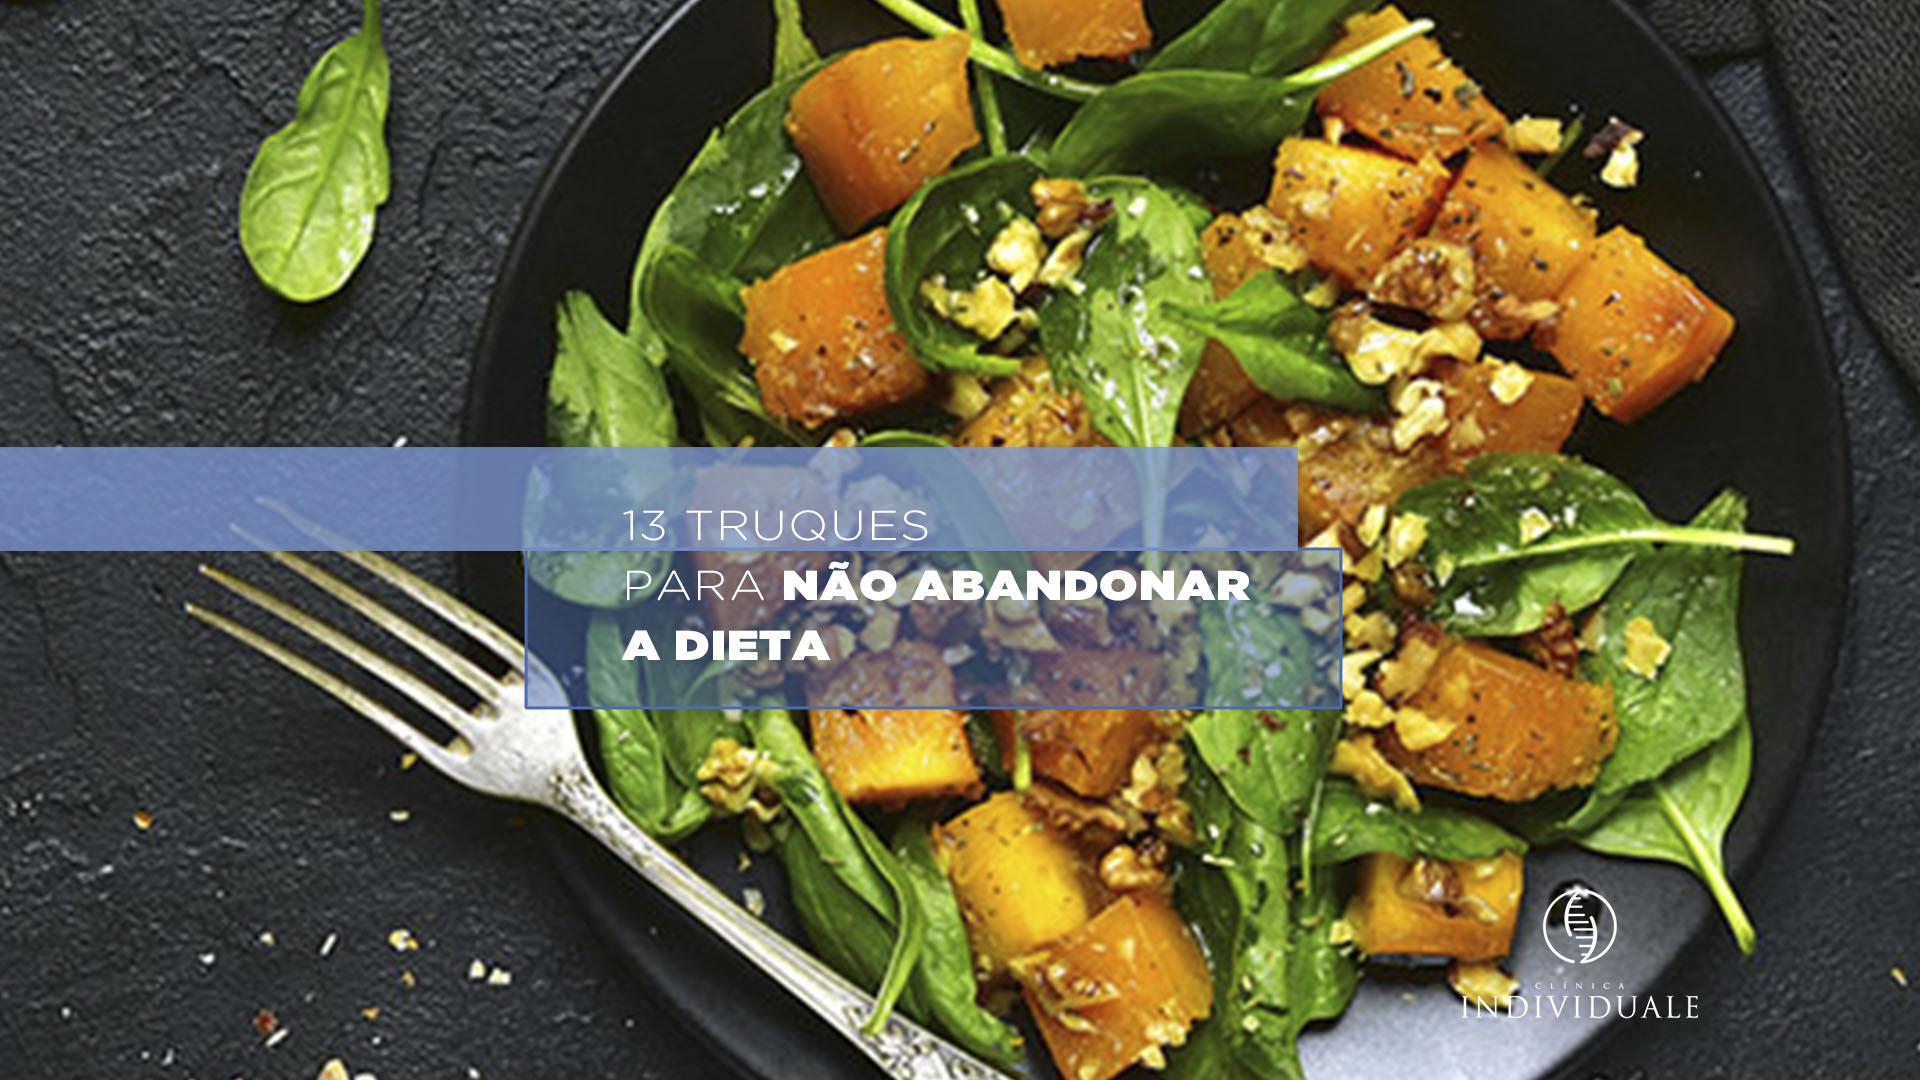 13 Truques Para Não Abandonar a Dieta